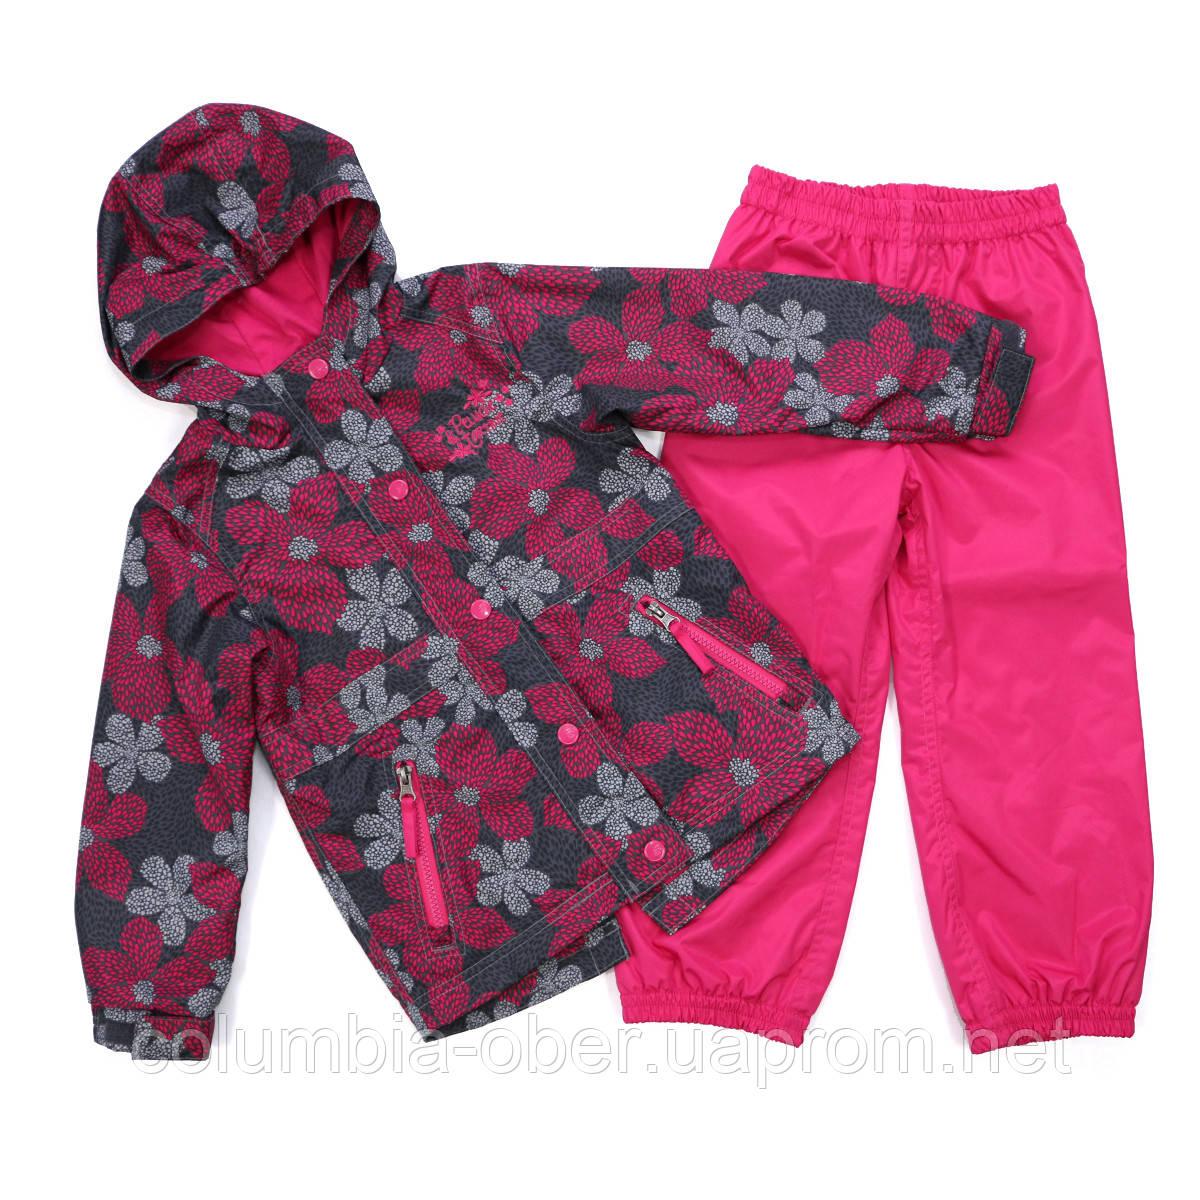 Демисезонный комплект для девочки Peluche 72 M S17 Virtual Pink.  Размер  104 и 112.